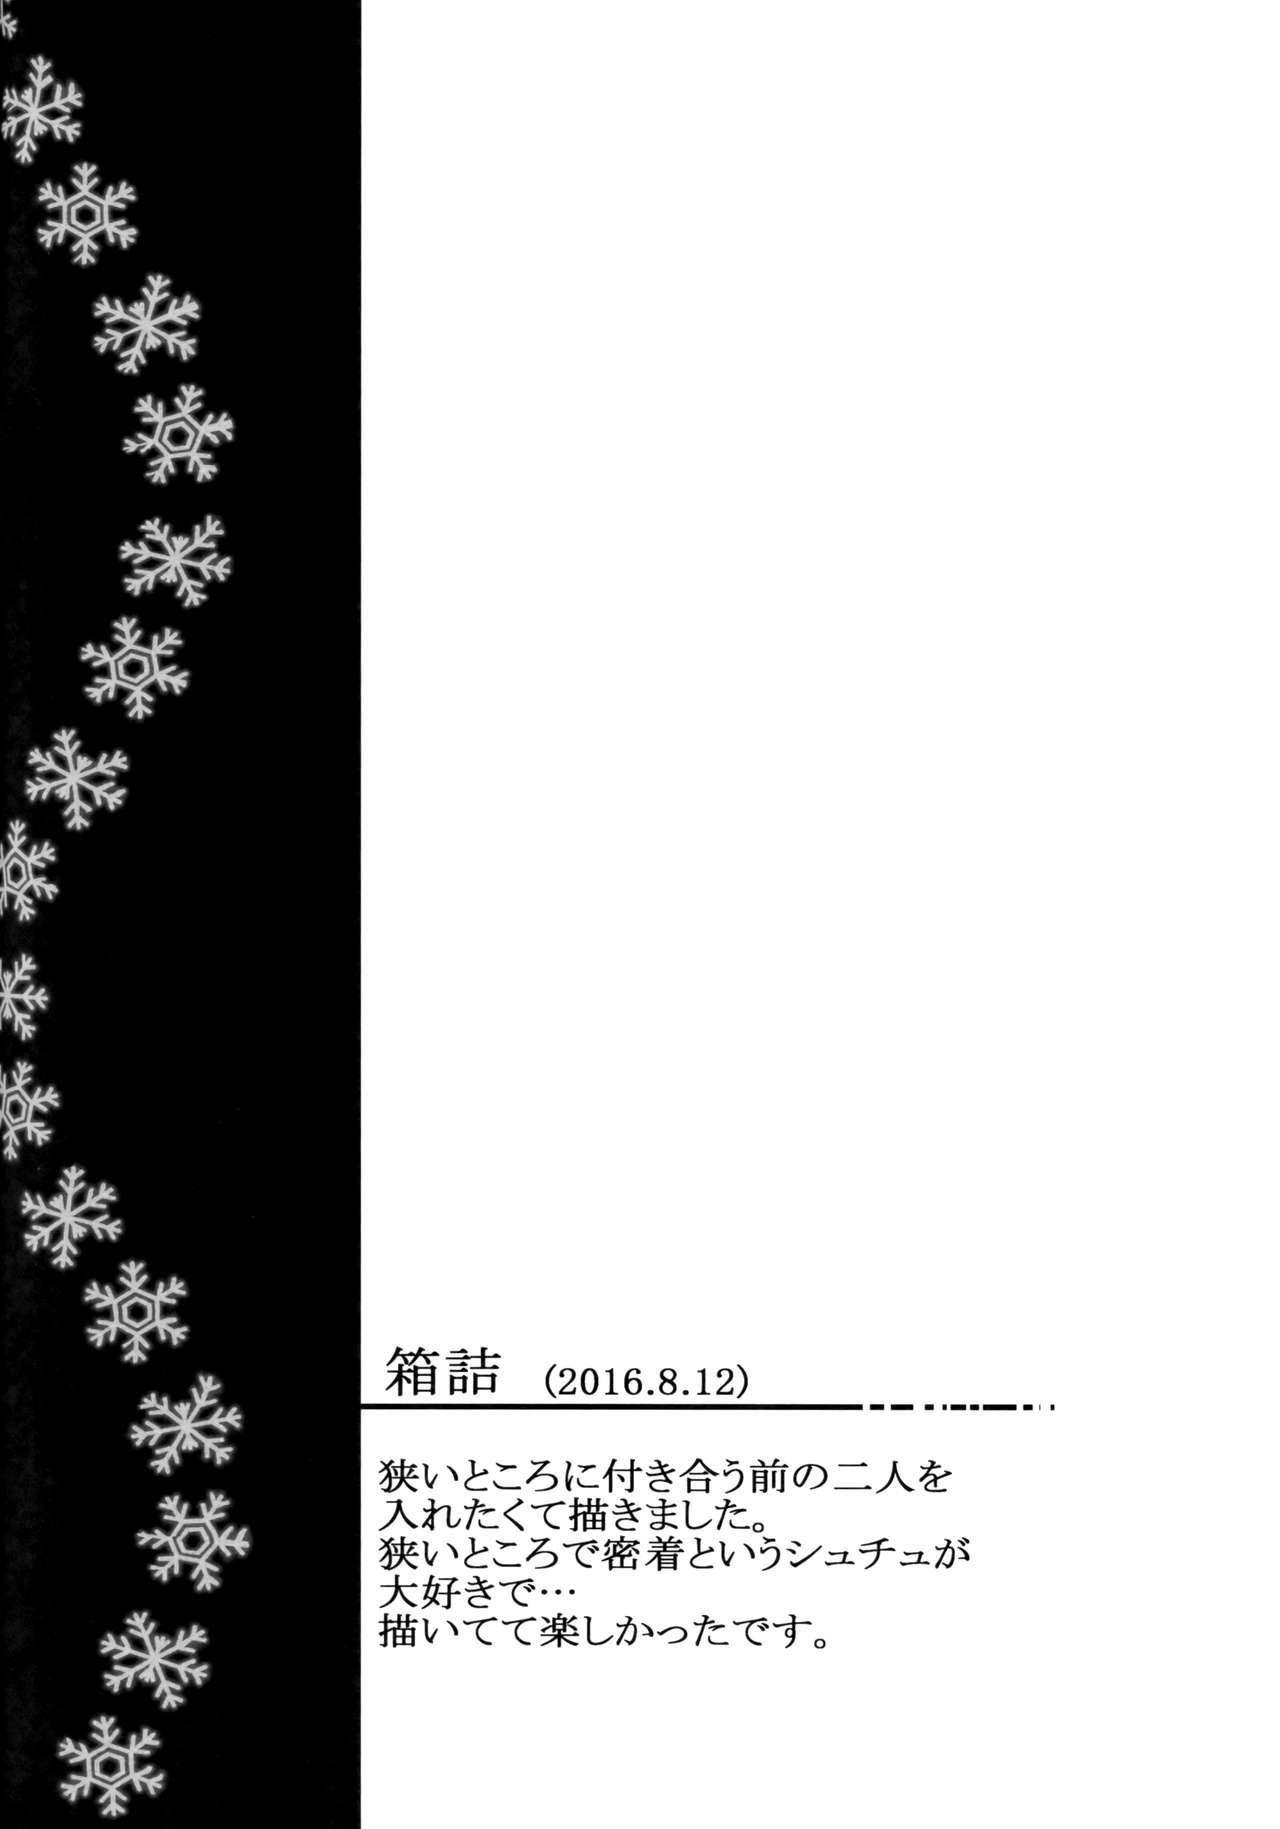 Fuyuiro Memories - Winter Color Memories 234